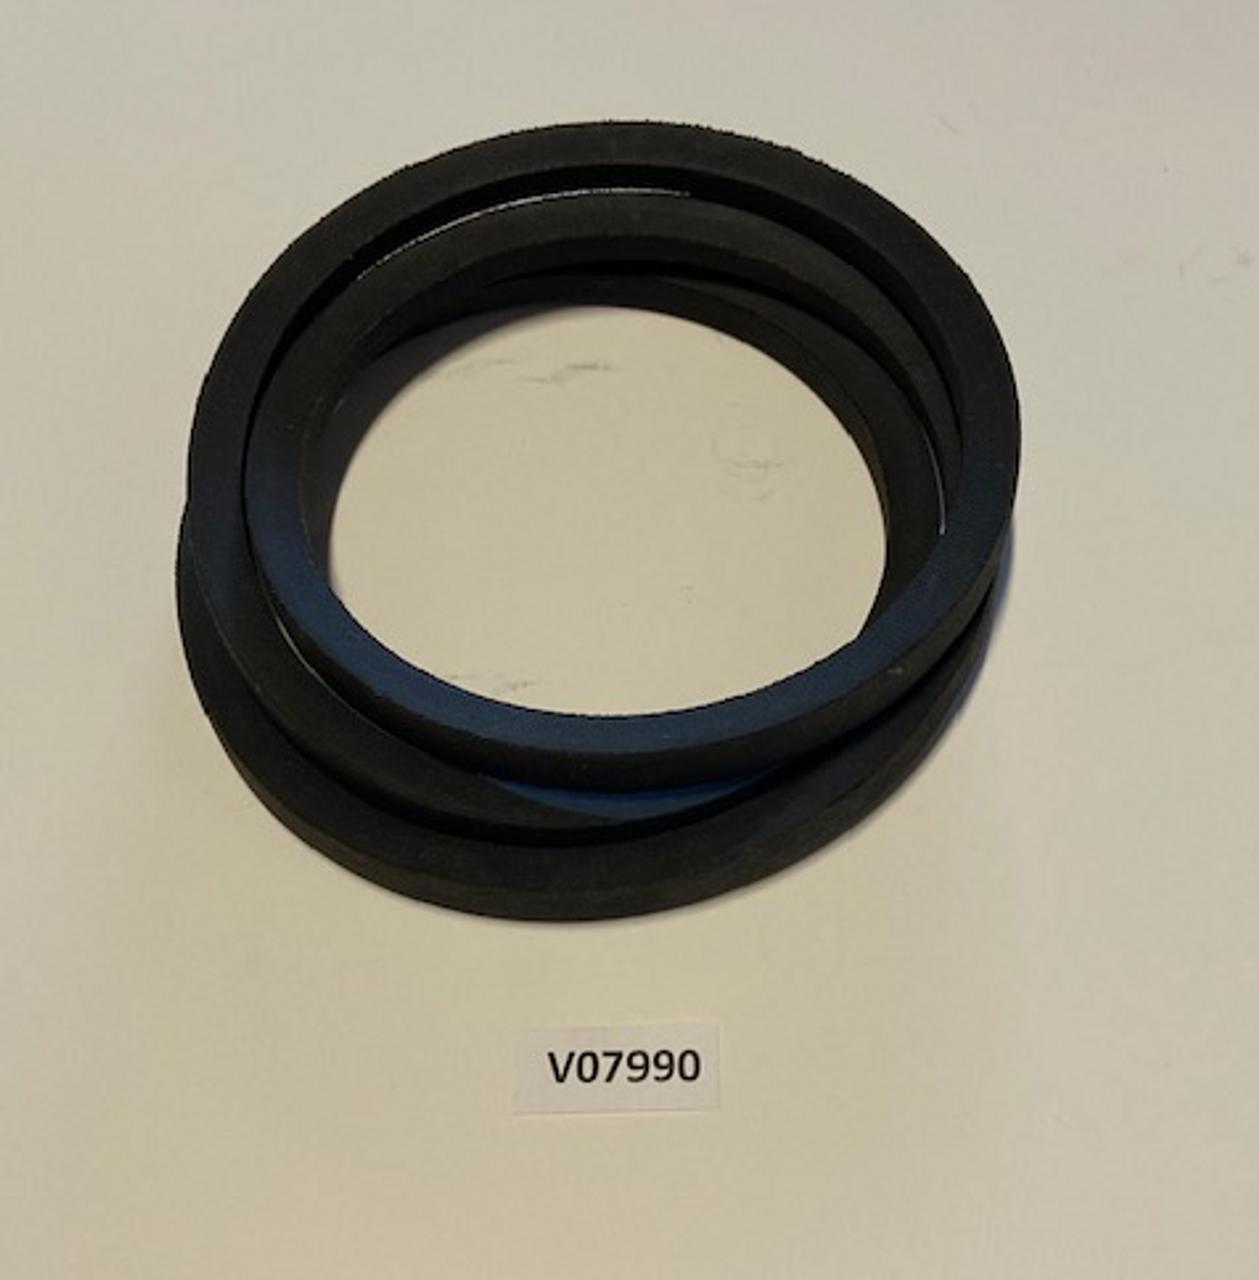 Belt, A-48, Aaon, V07990